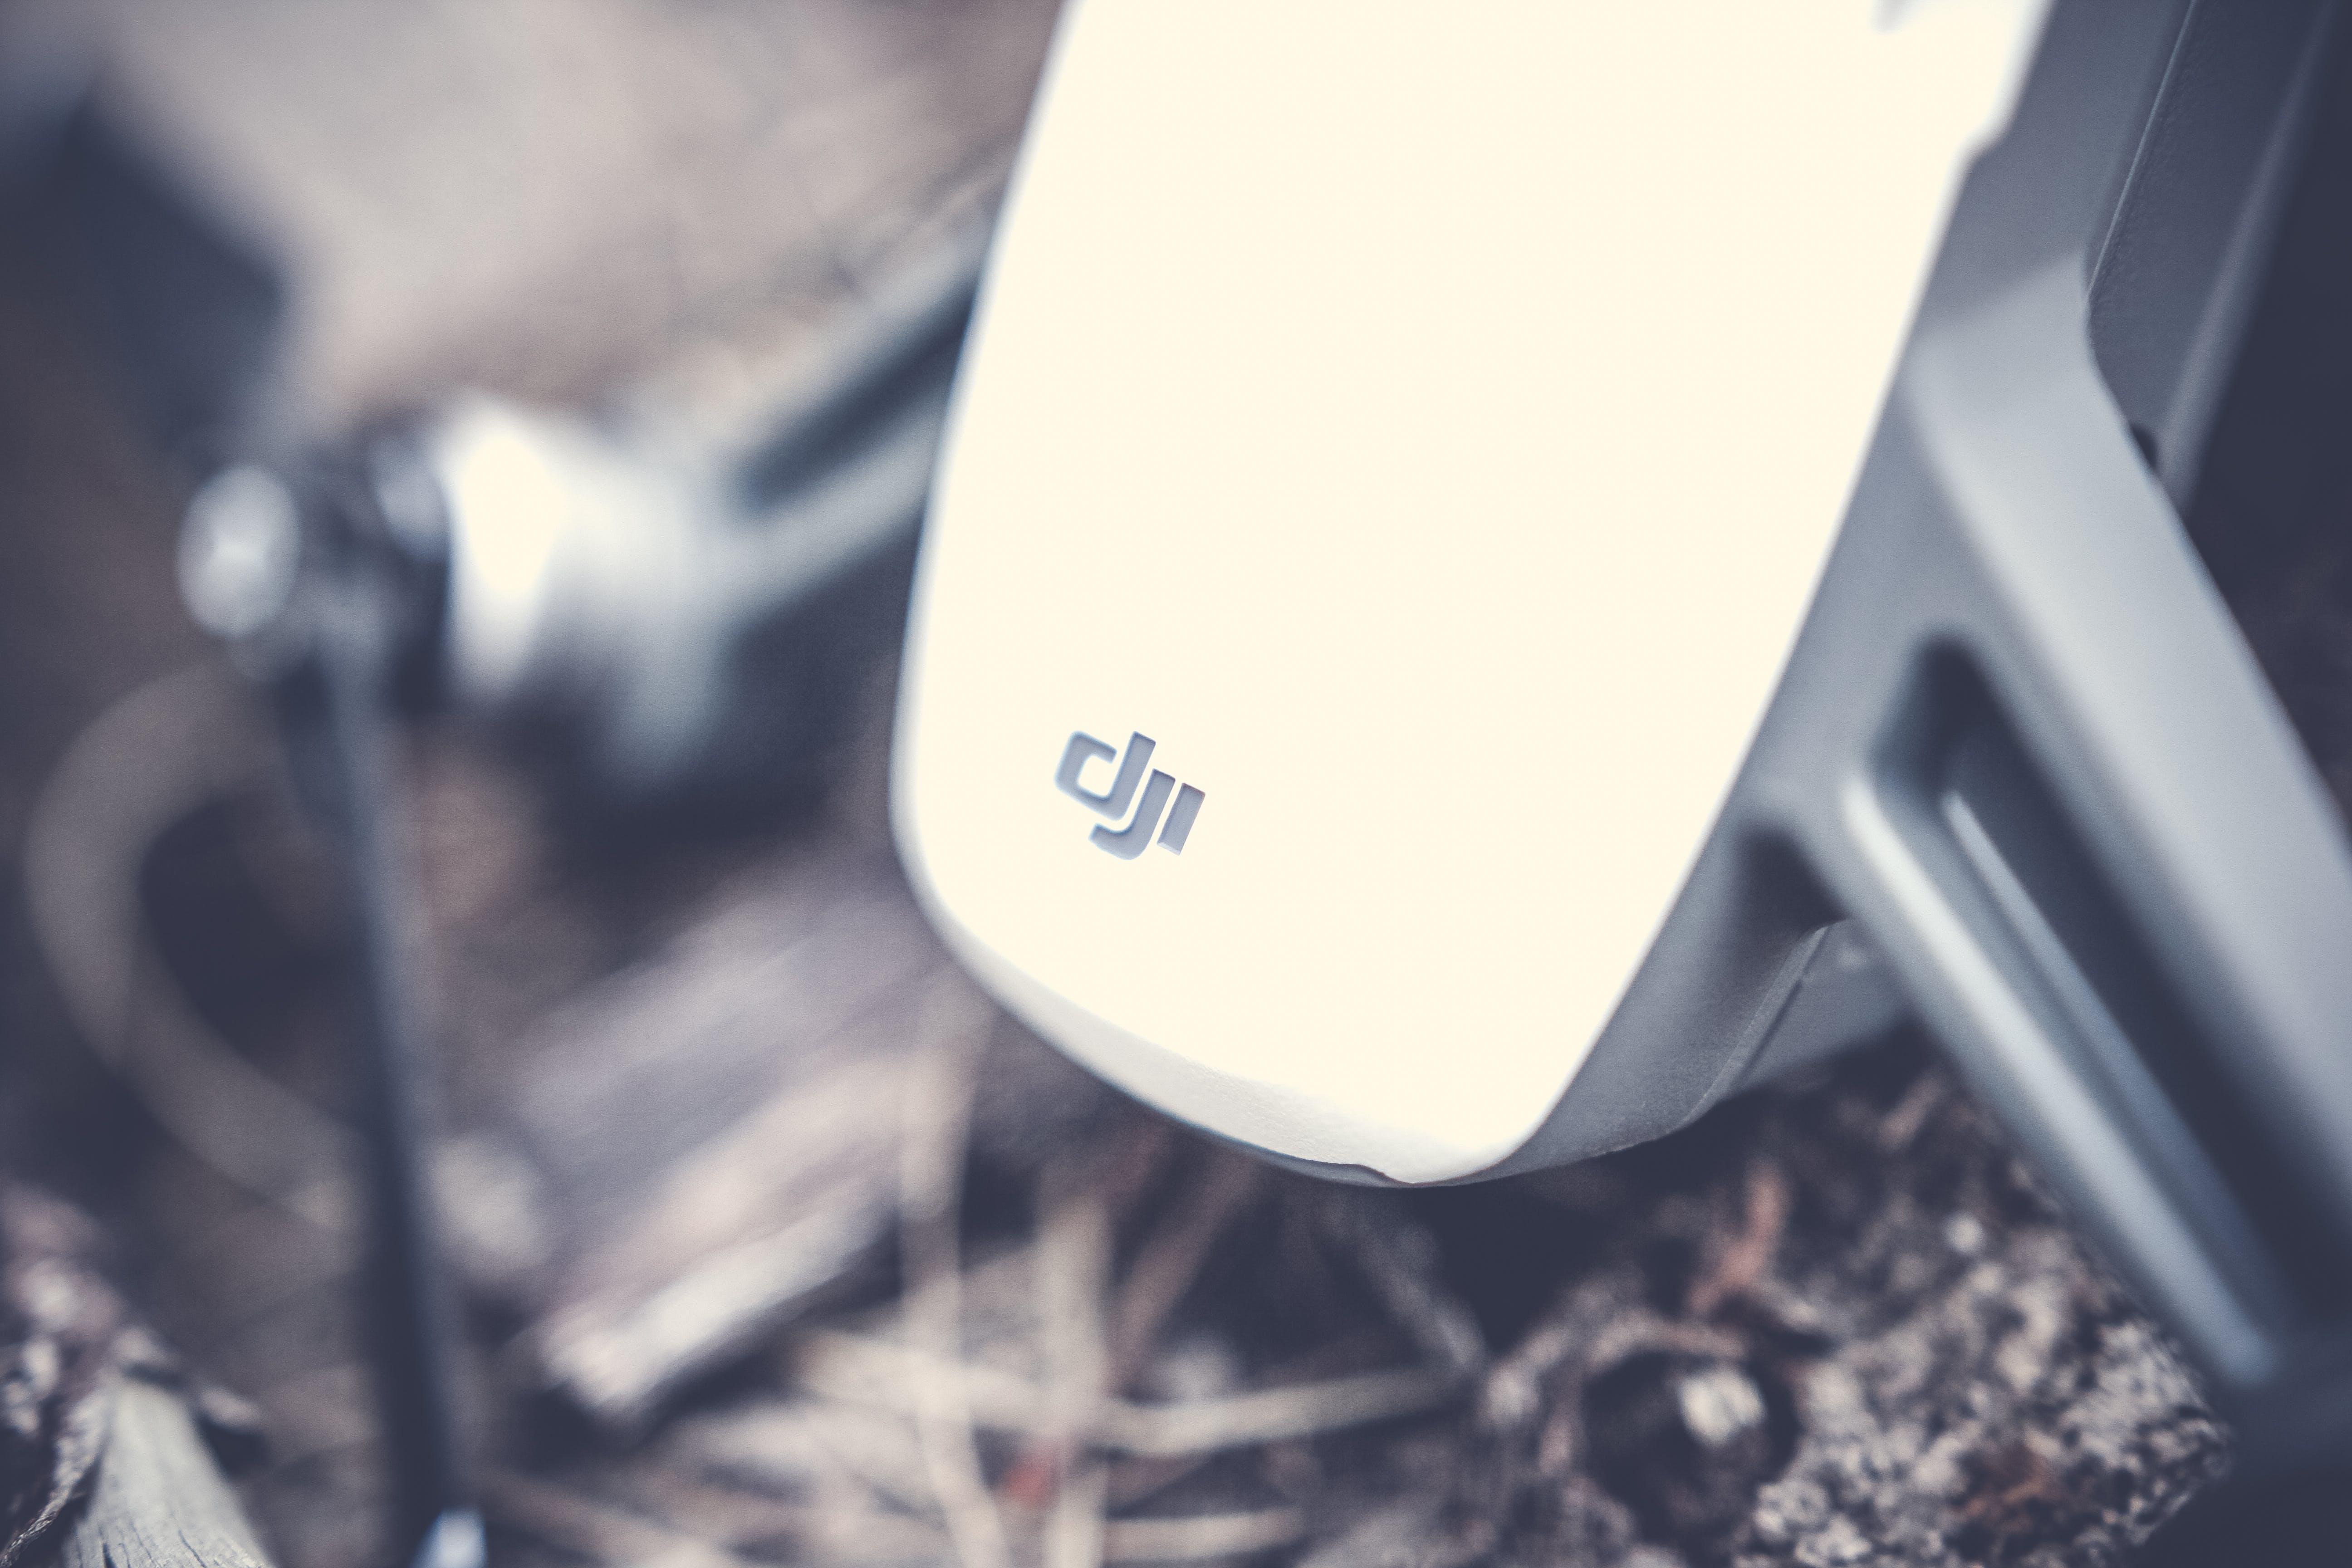 White and Black Dju Drone